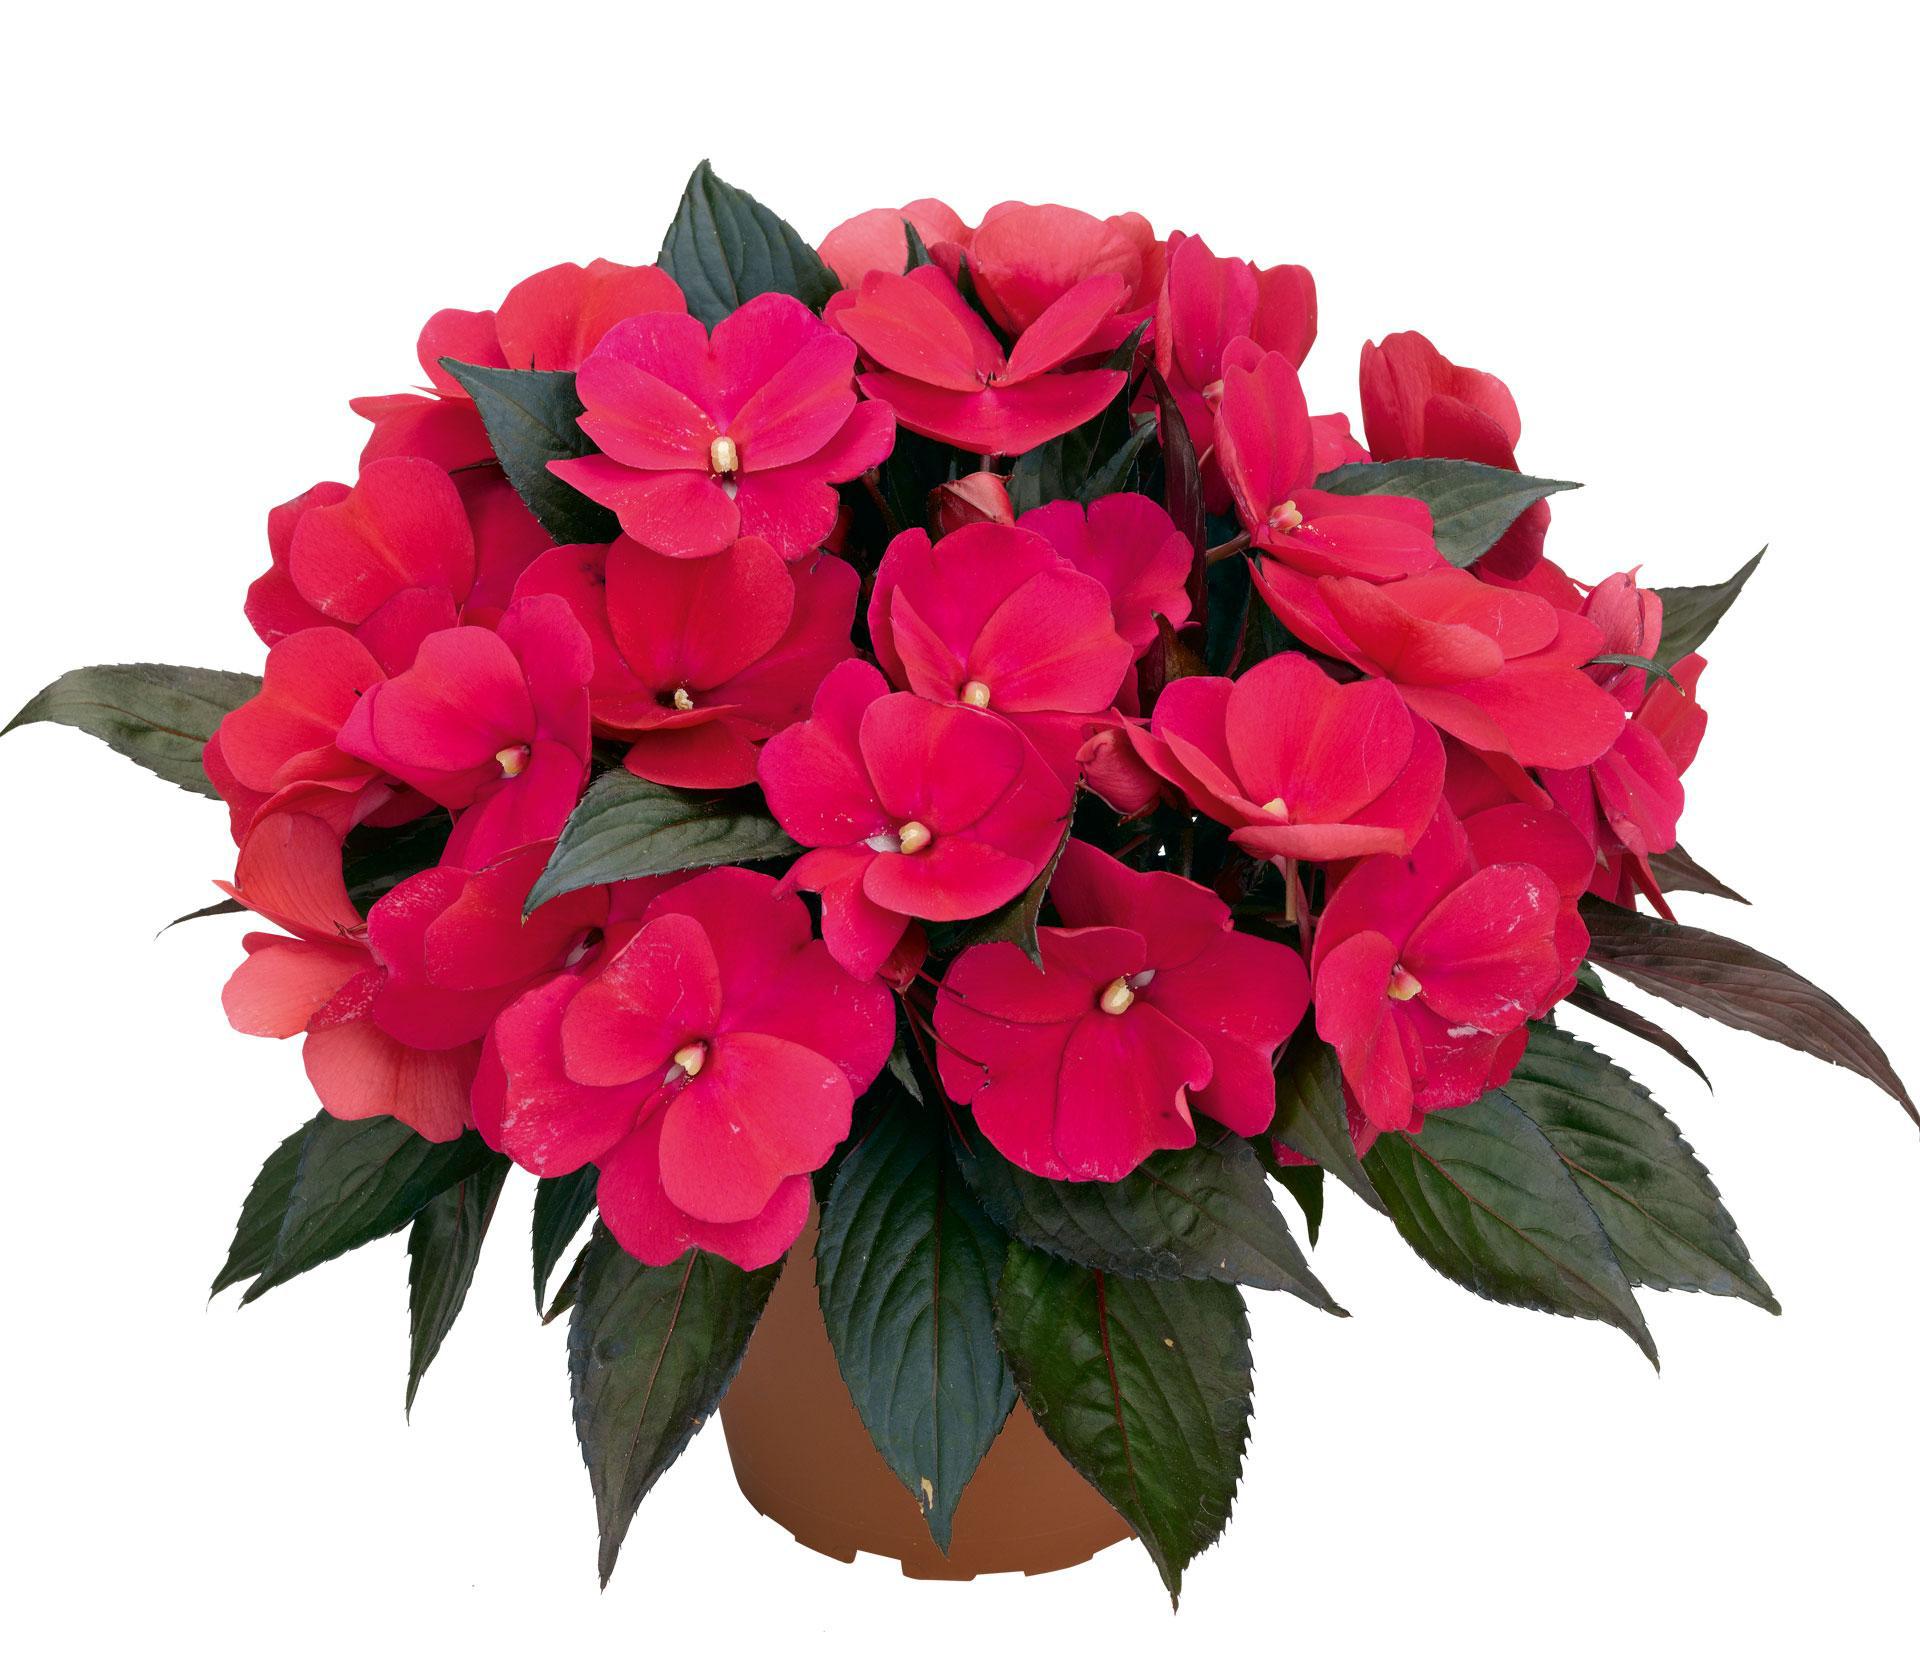 цветы в кашпо в фото